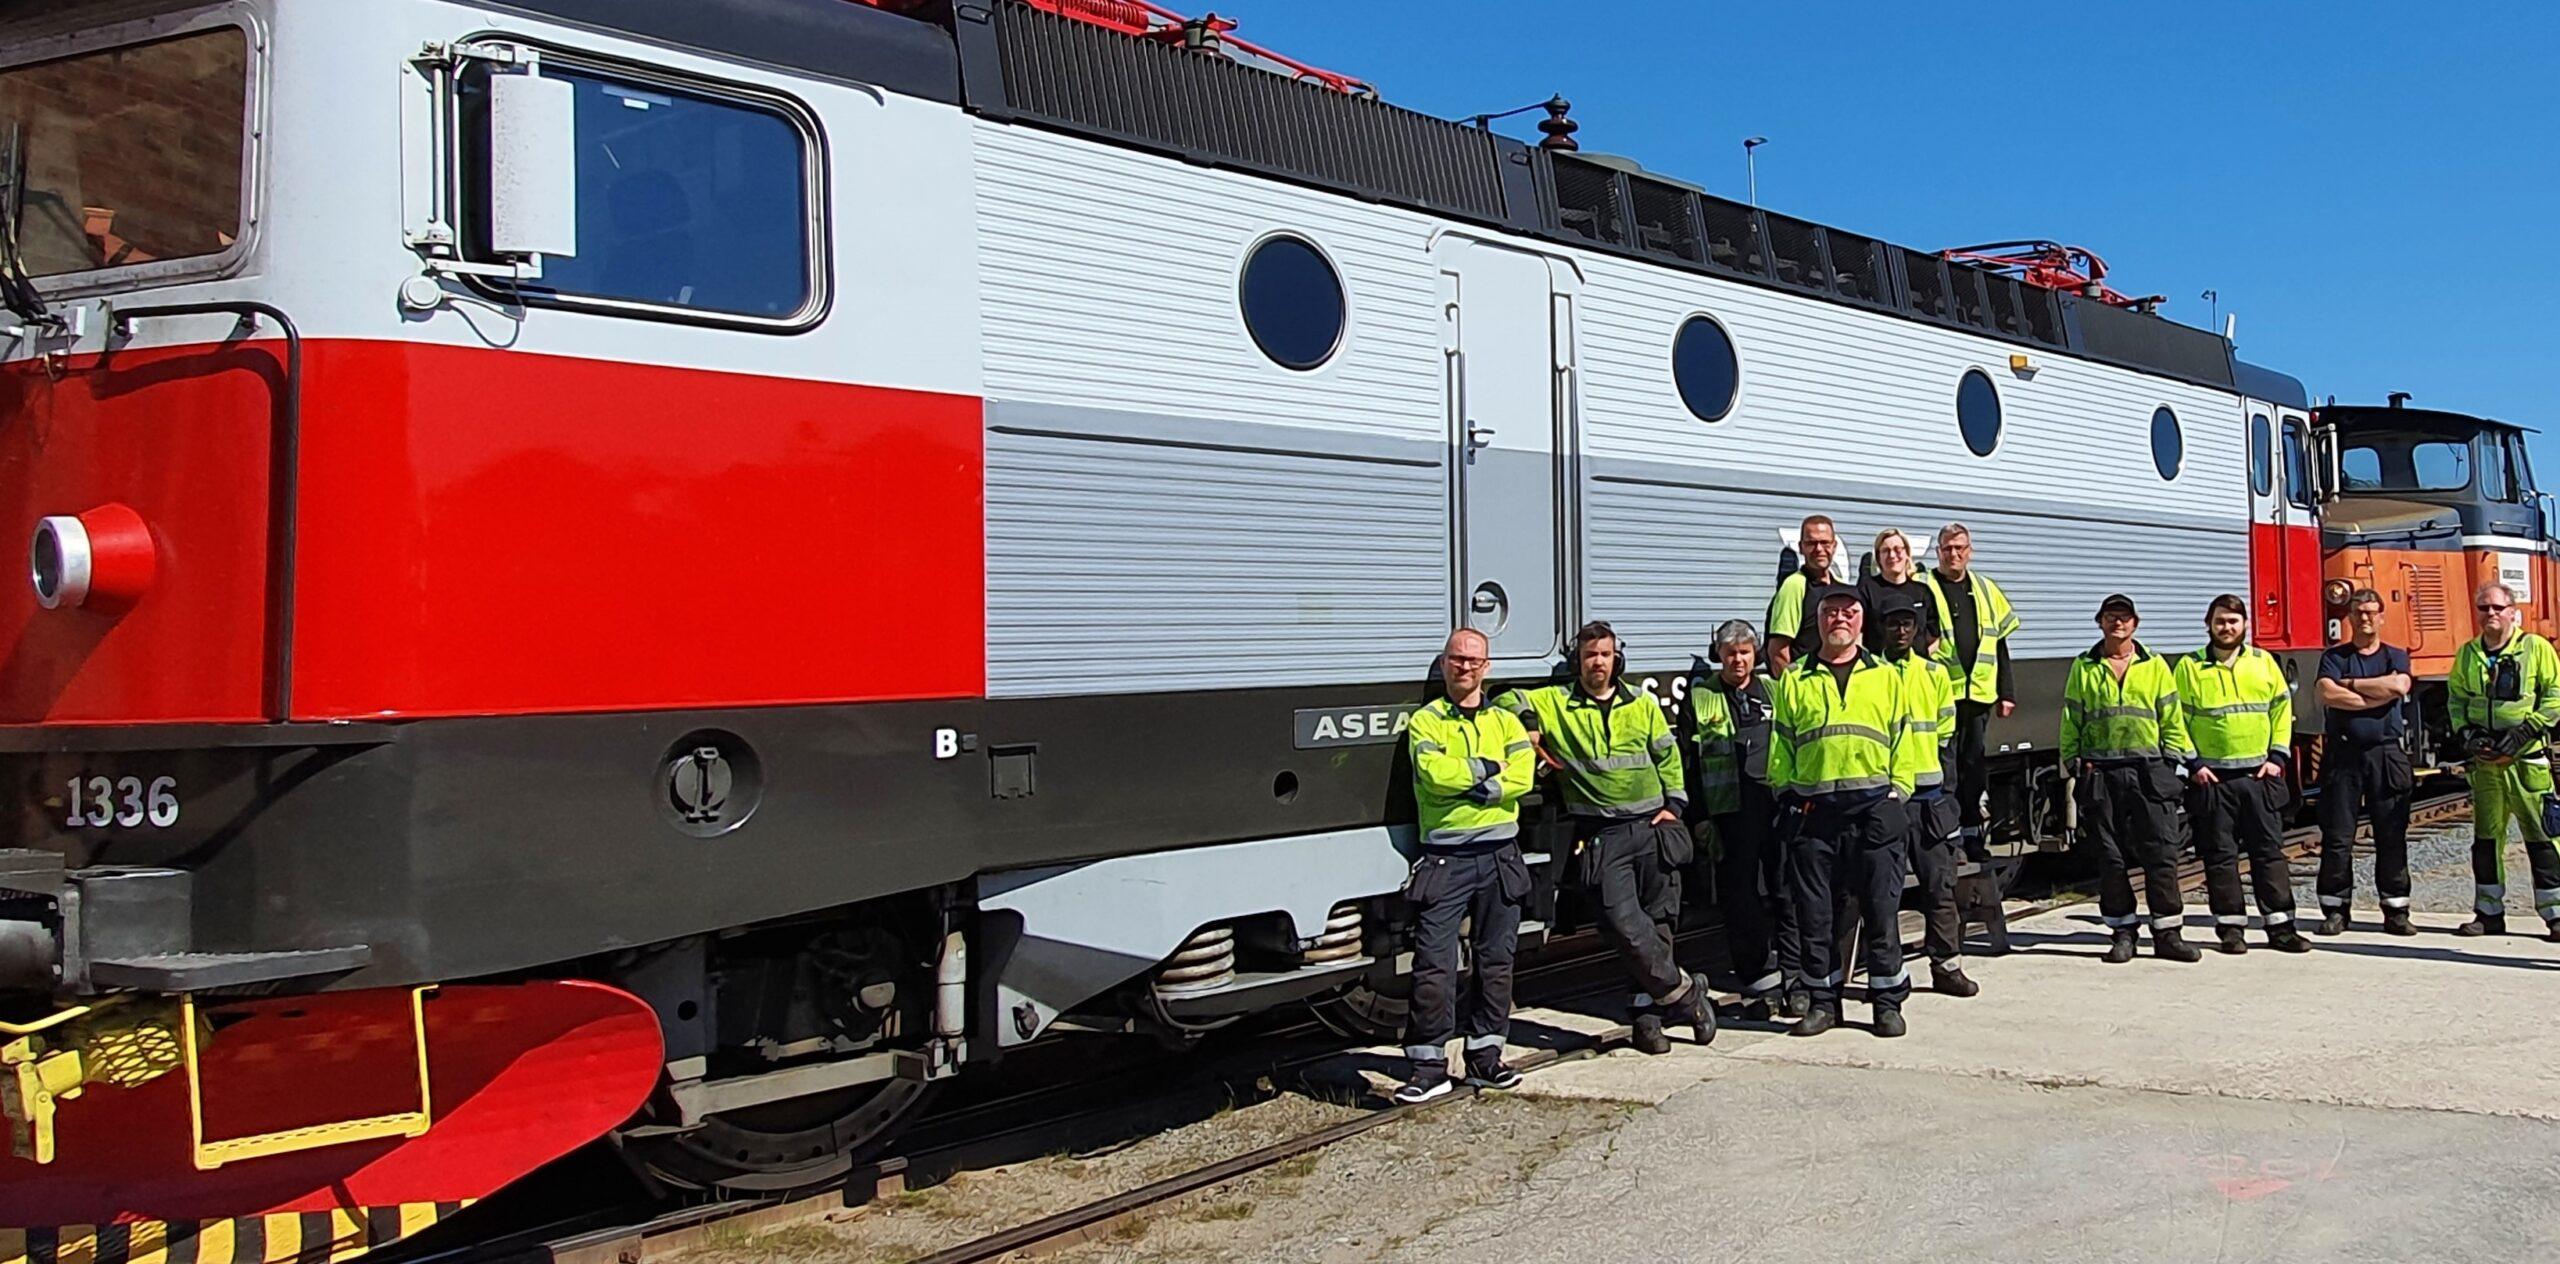 Vy Tåg Night Train